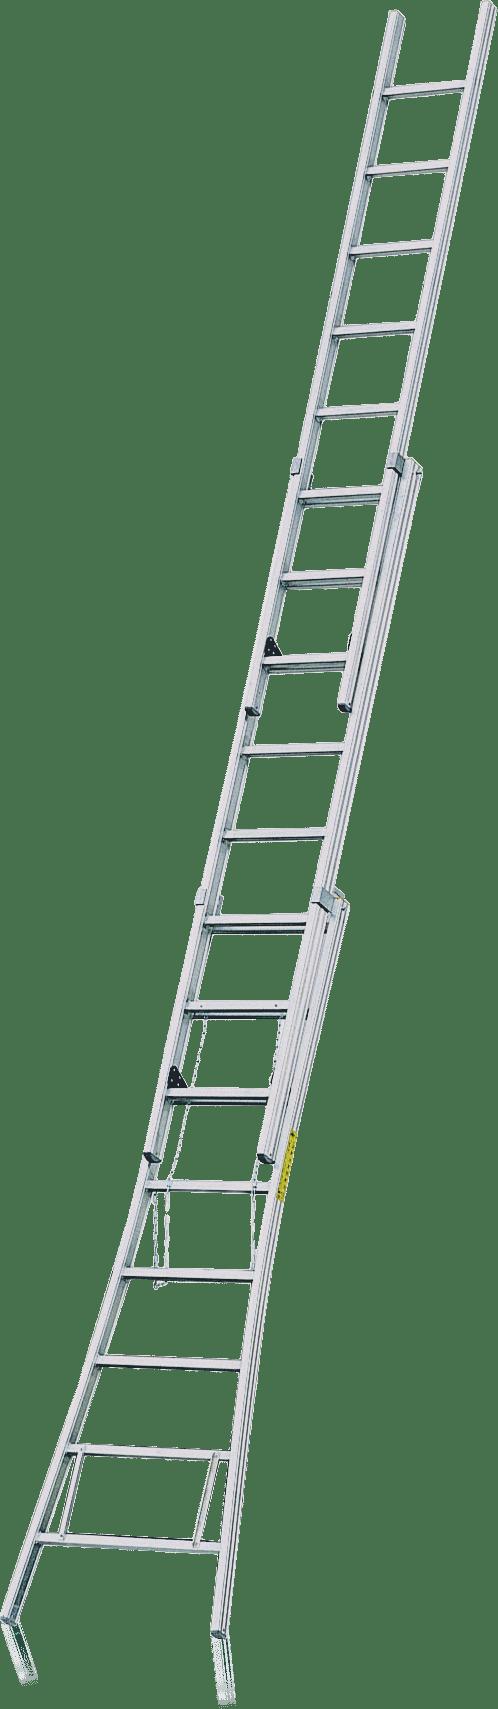 trojdielny viacúčelový rebrík R500